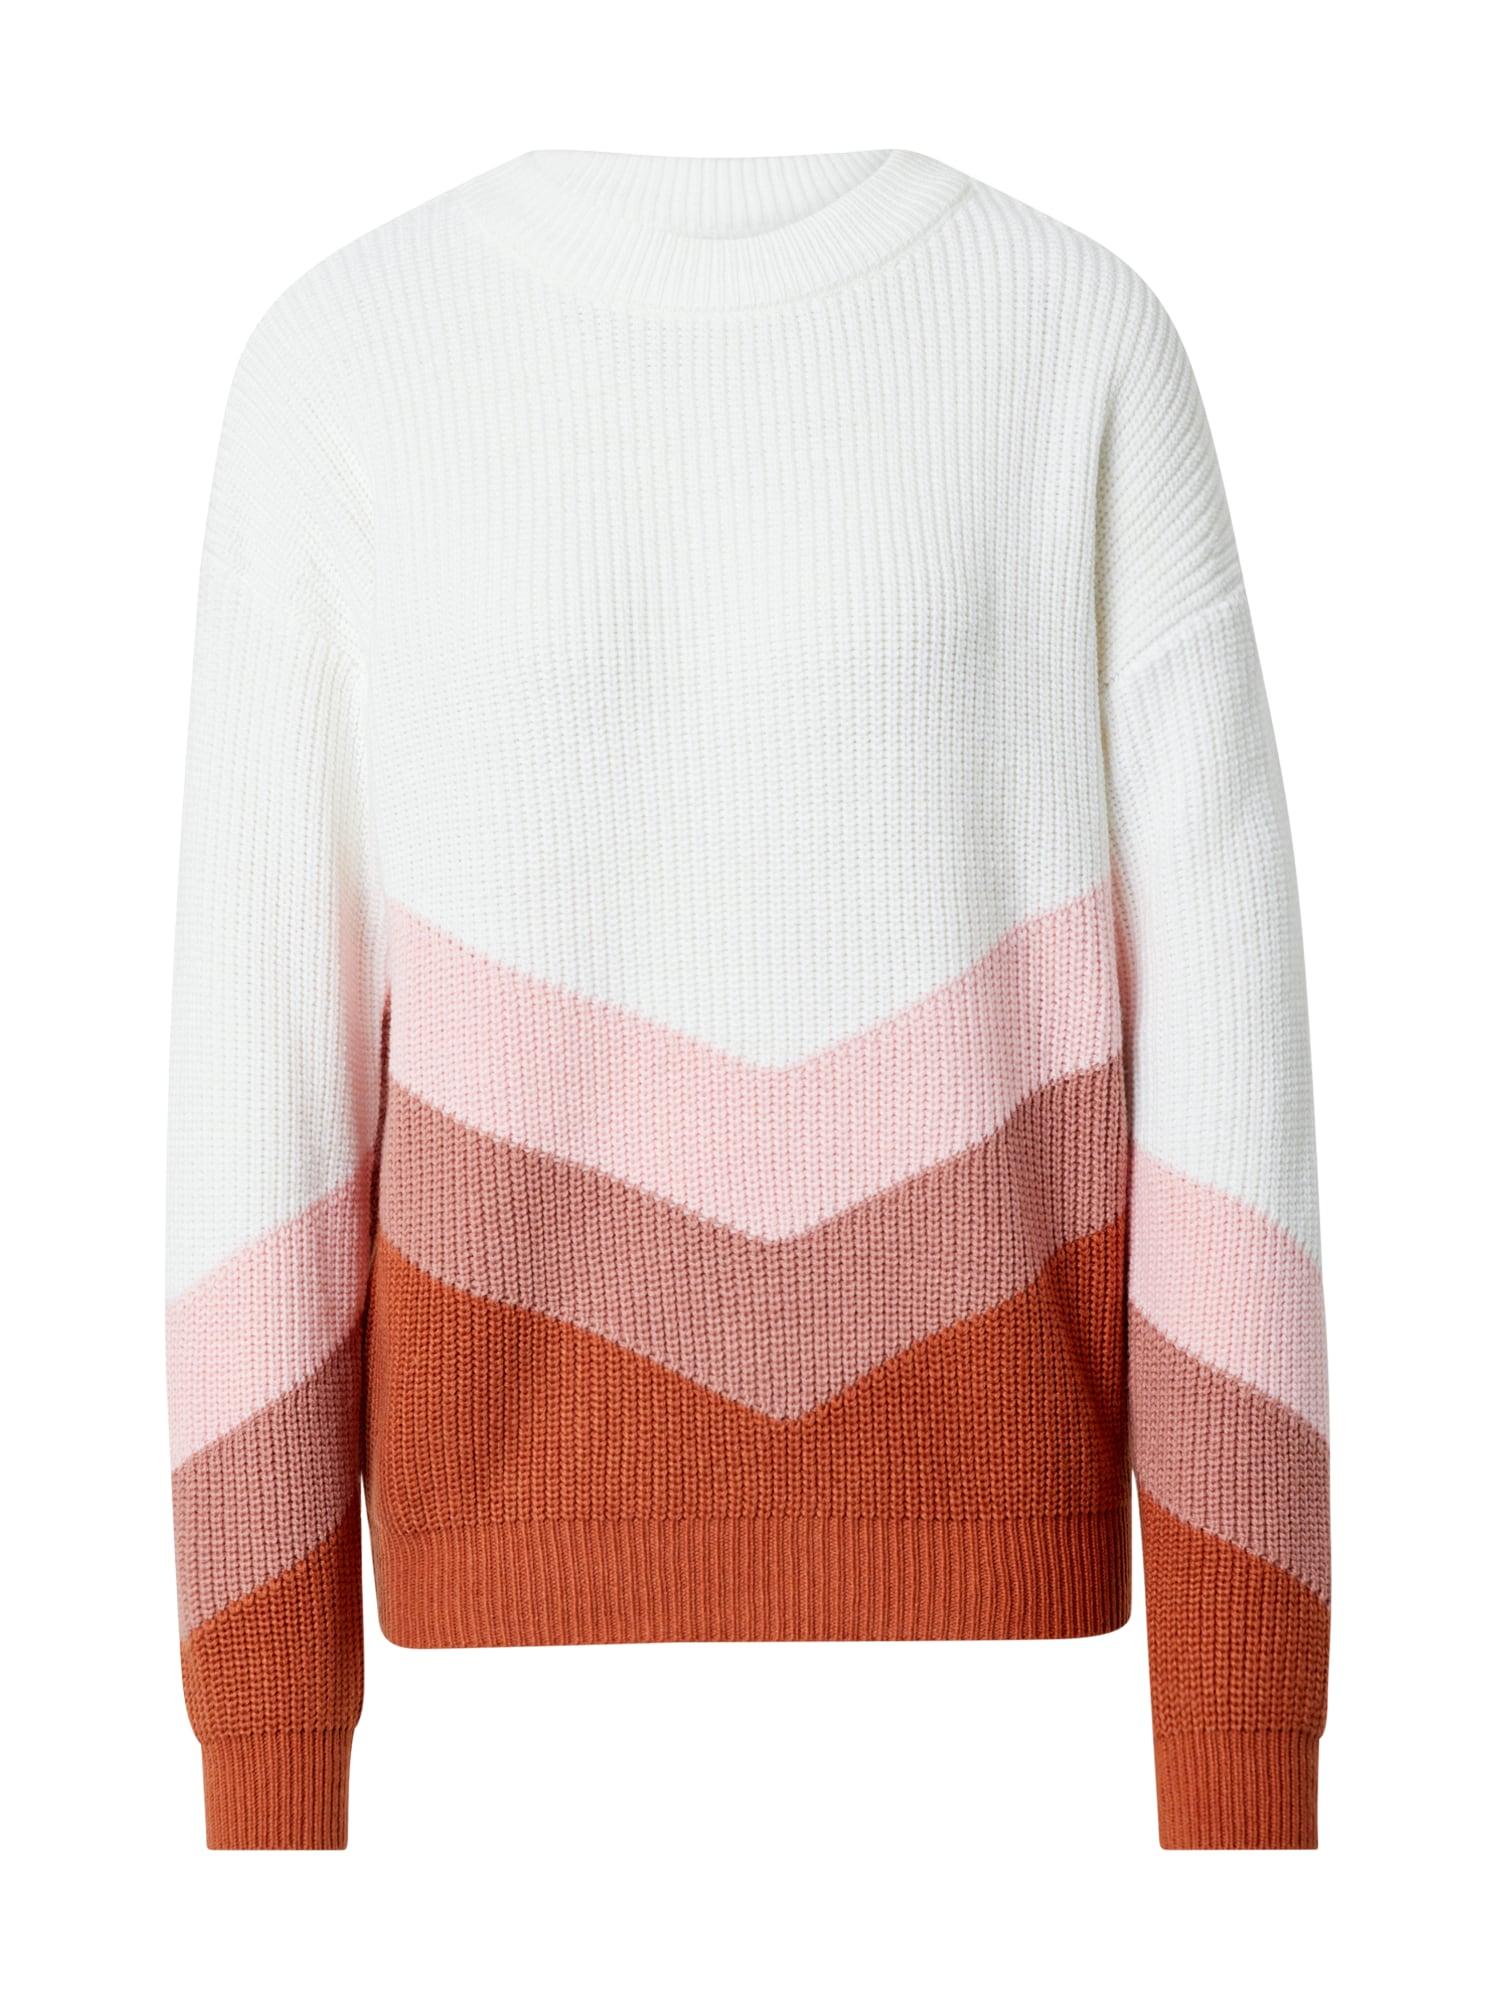 ROXY Megztinis rožinė / balta / tamsiai rožinė